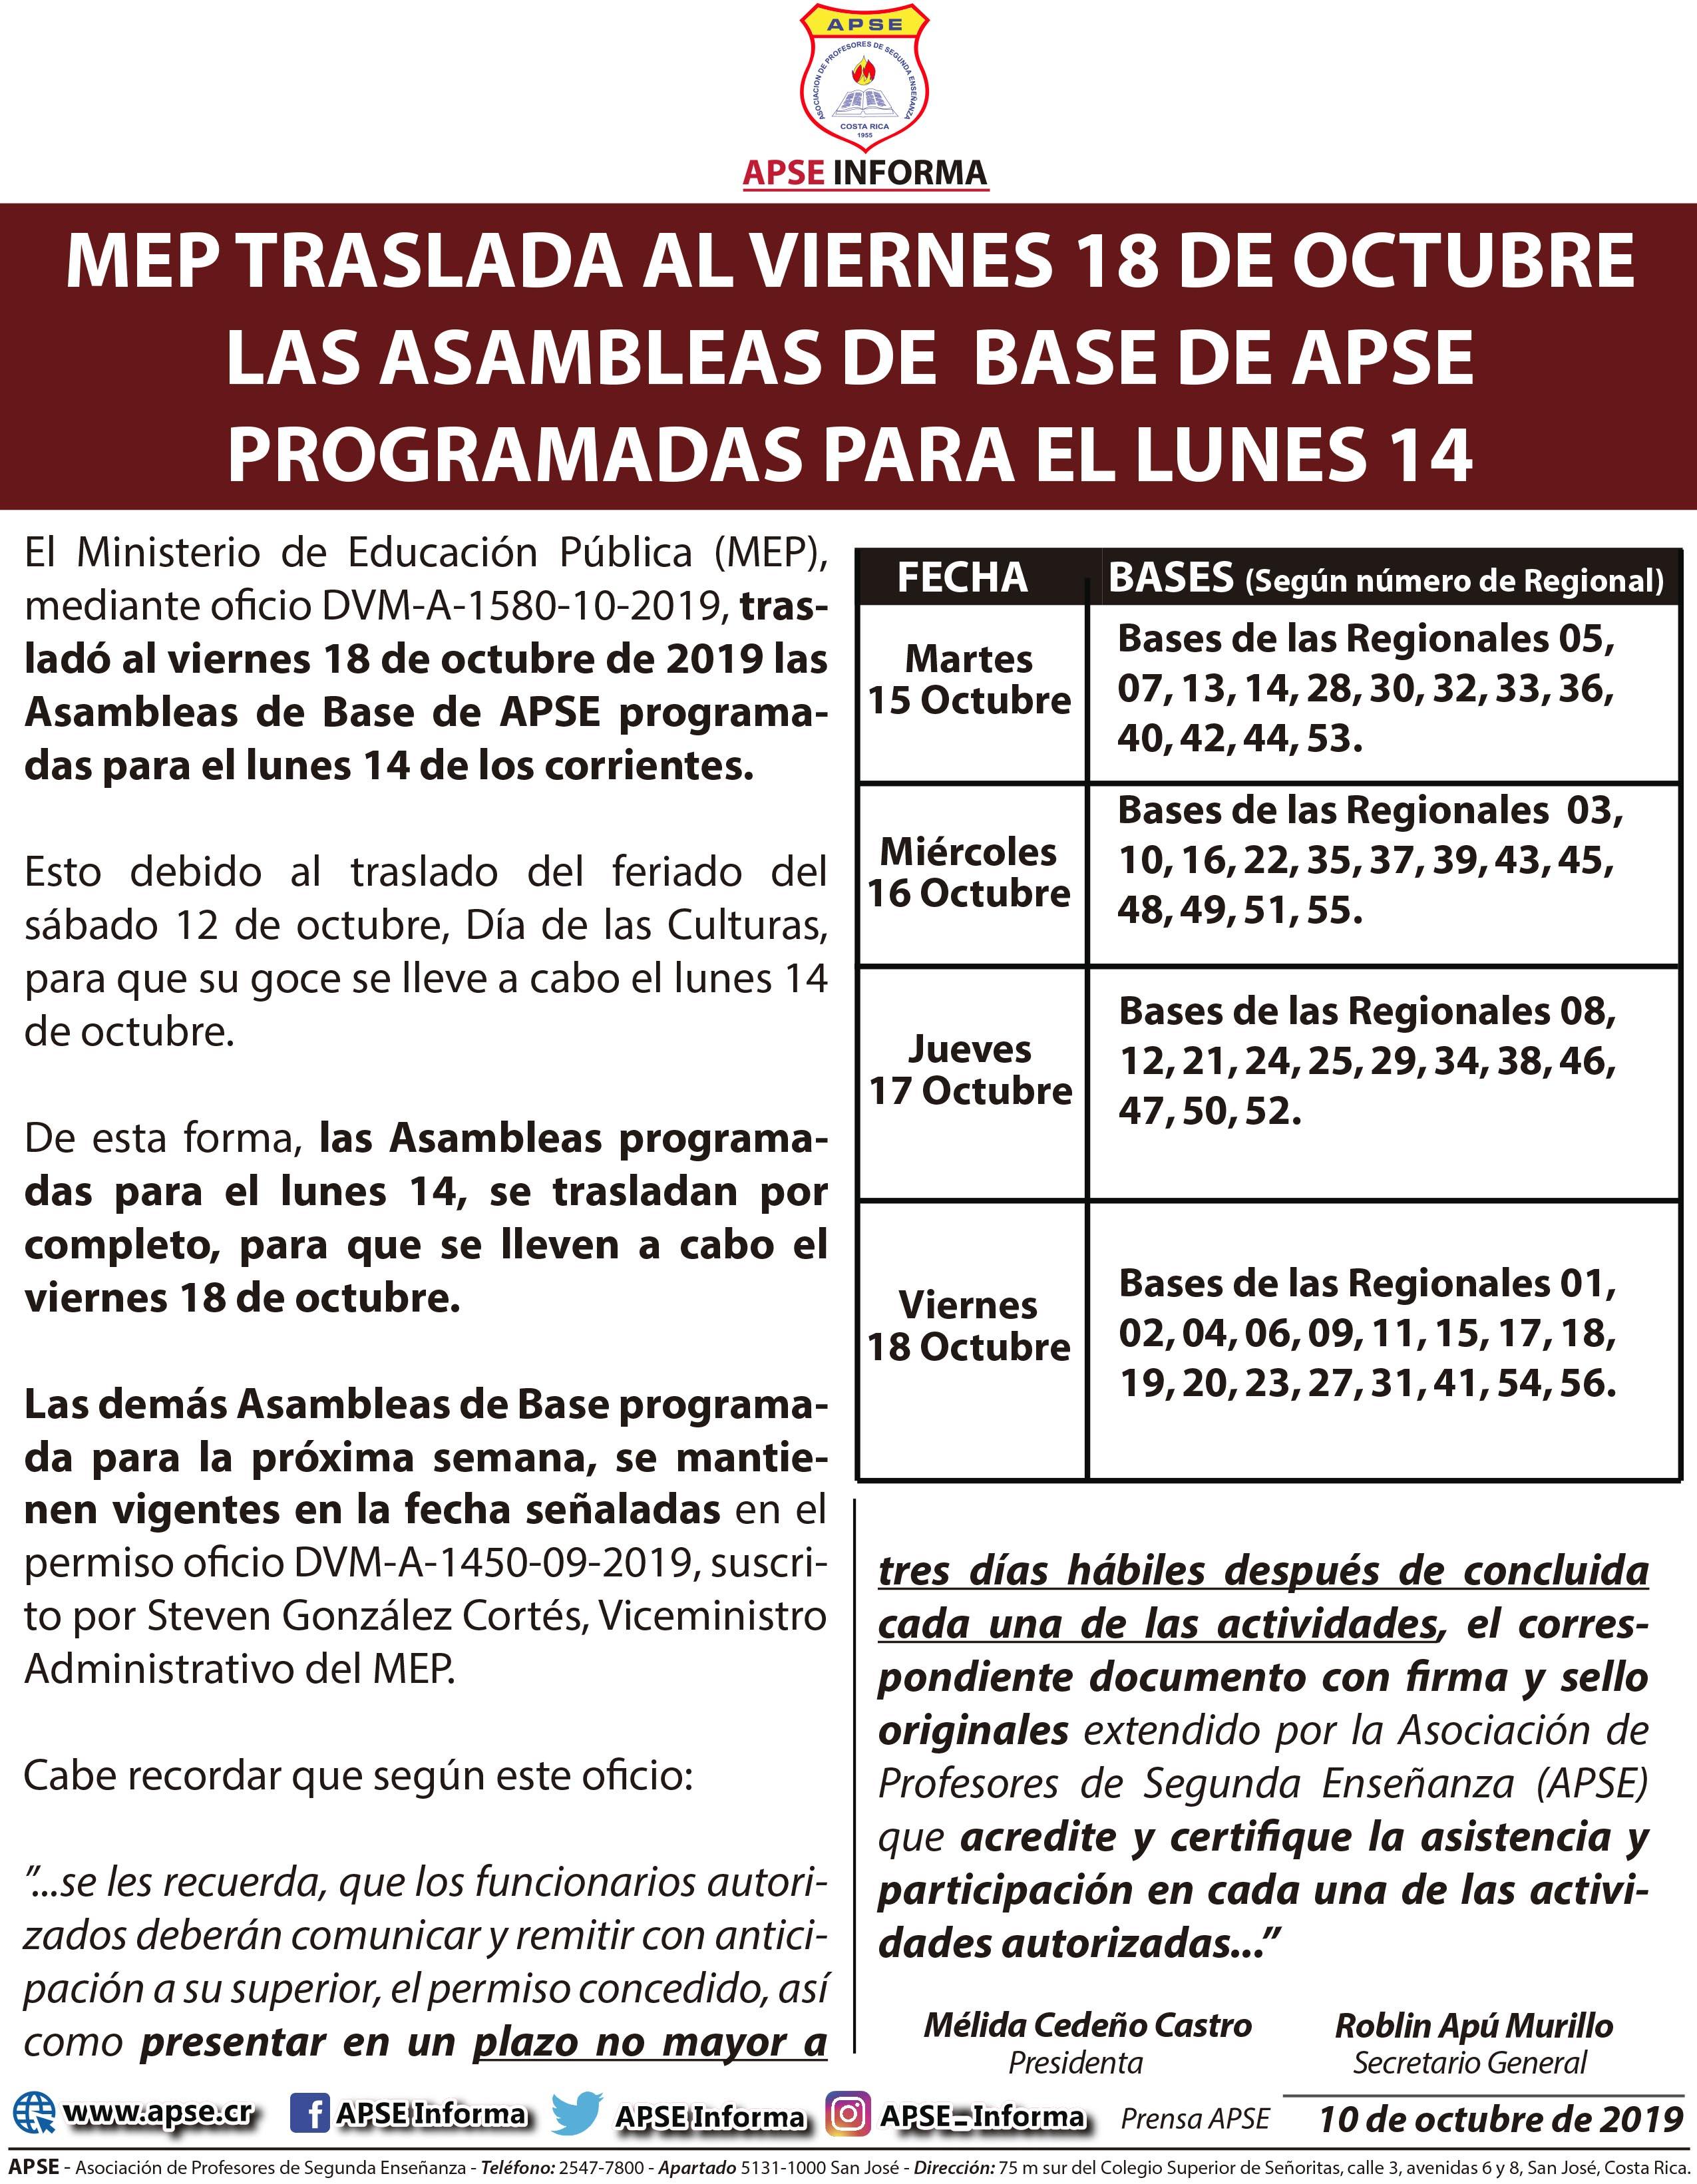 MEP TRASLADA AL VIERNES 18 DE OCTUBRE LAS ASAMBLEAS DE BASE DE APSE PROGRAMADAS PARA EL LUNES 14